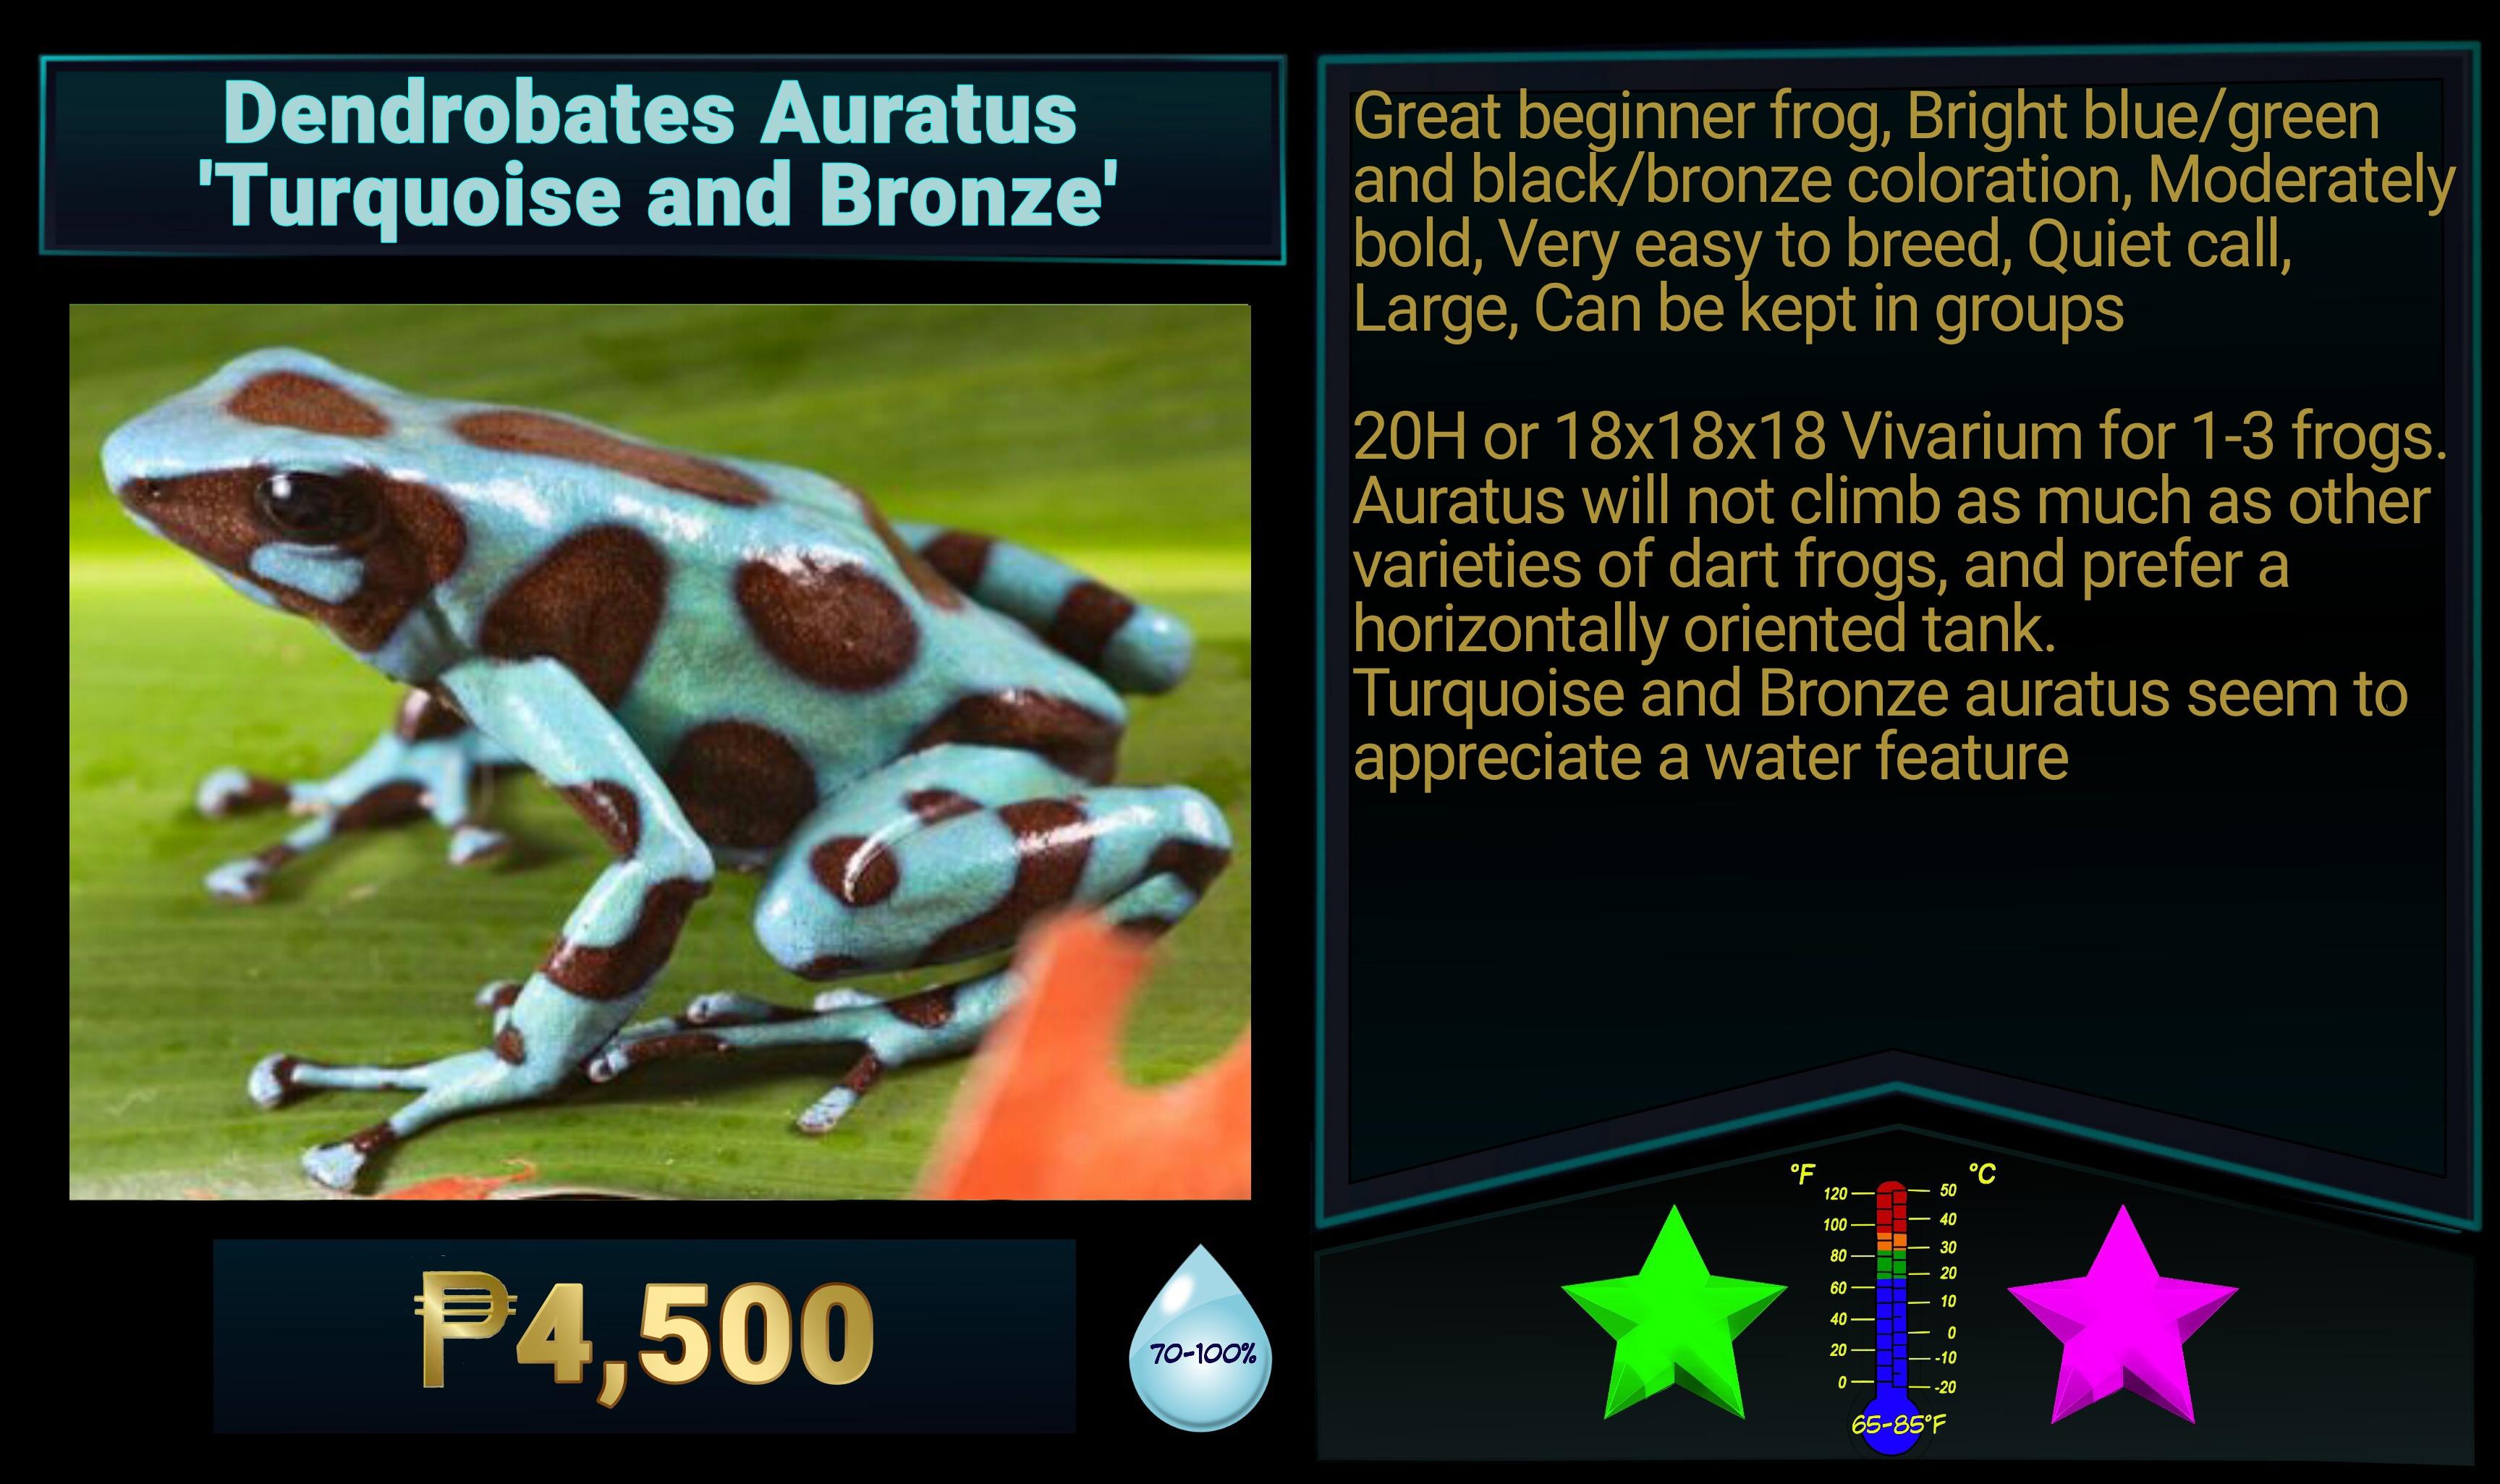 Dendrobates auratus Turquoise and Bronze